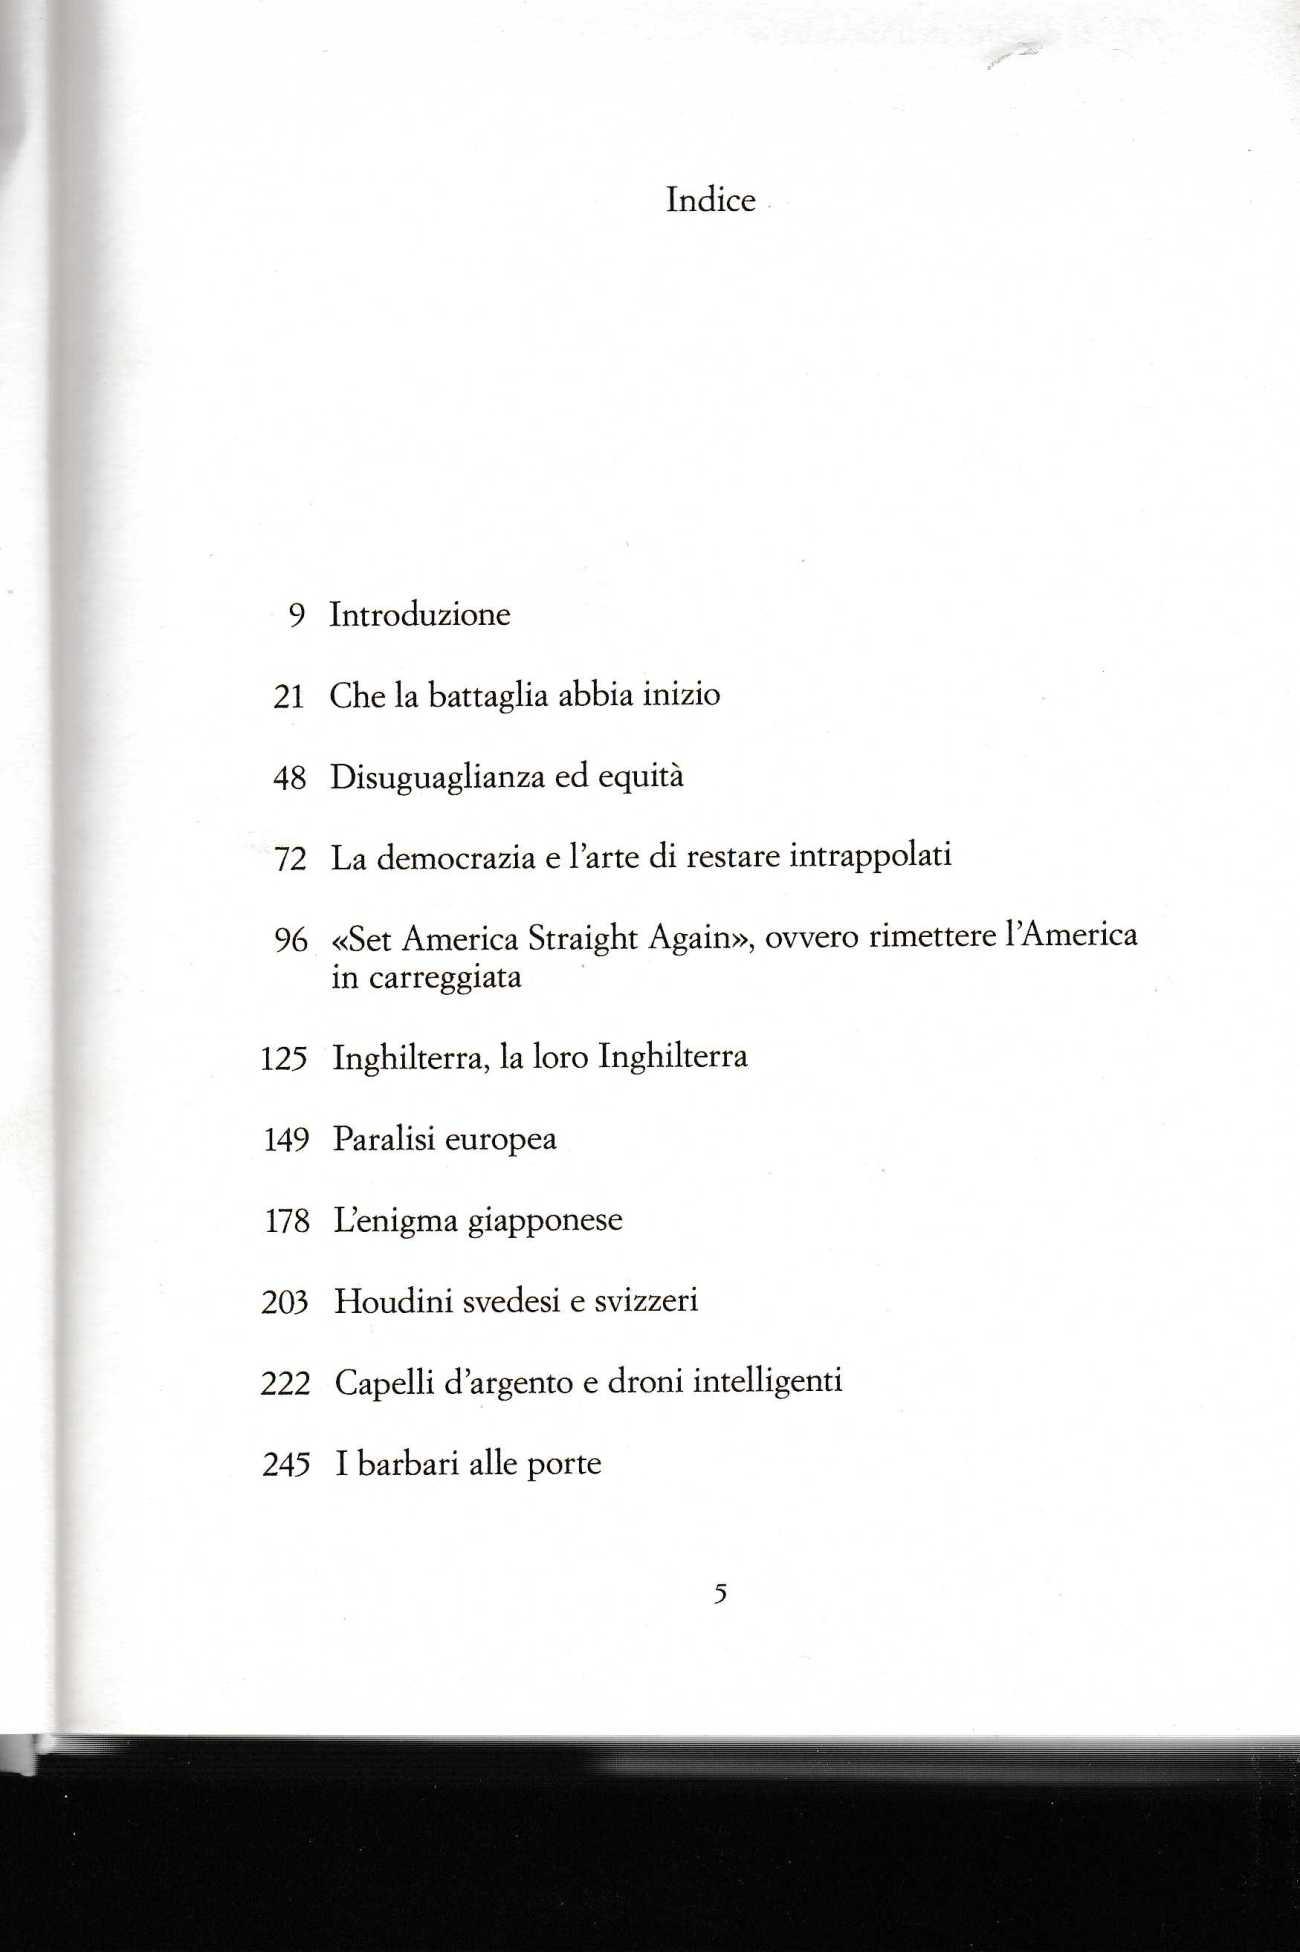 EMMOTT DESTINO OCCIDENTE2172